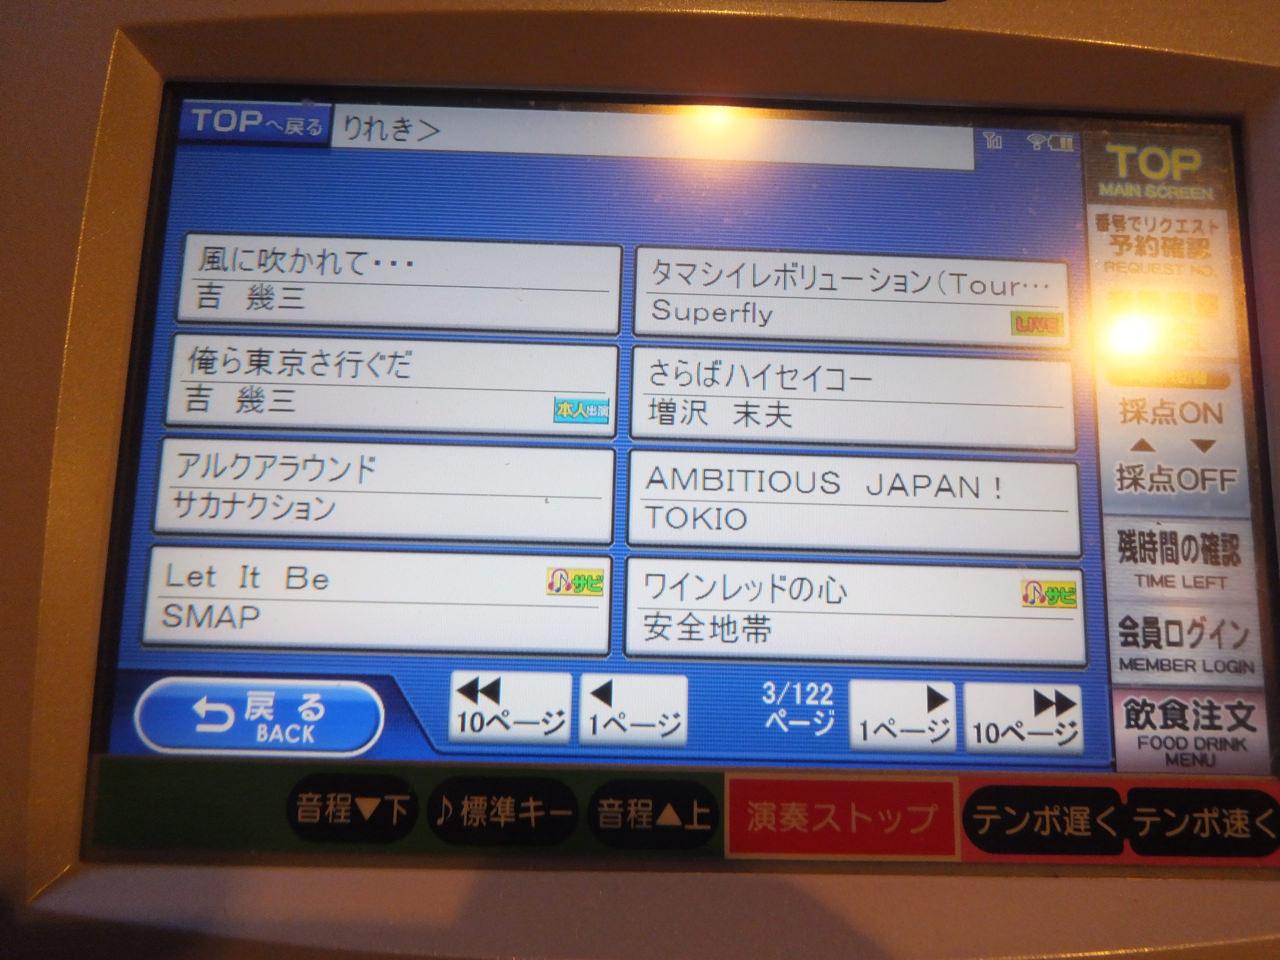 1人カラオケ・曲目リストvol4・安全地帯・増沢末夫・Superfly・画像写真